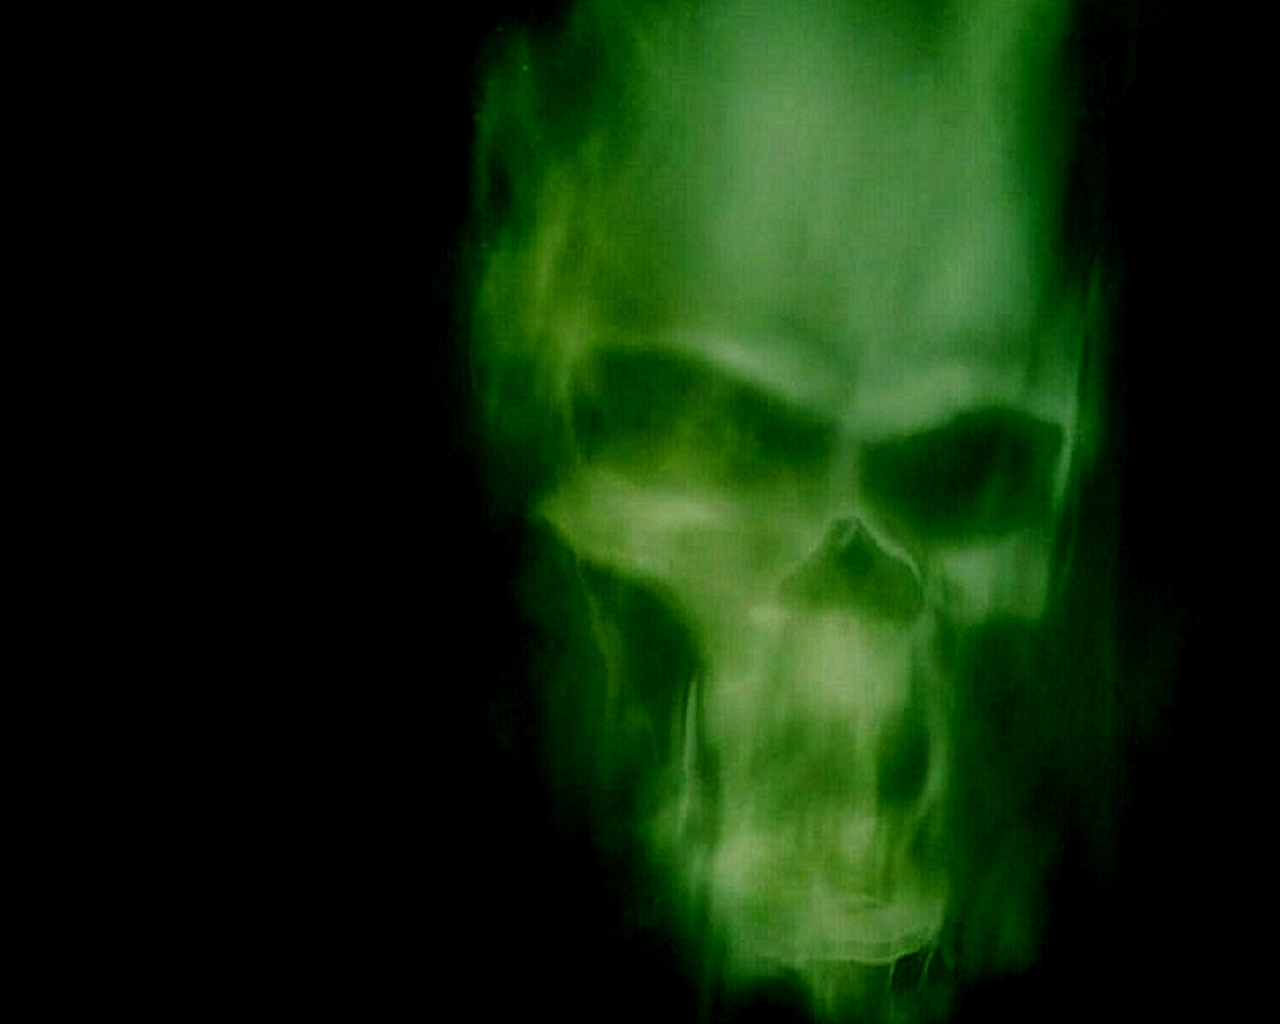 Green Skull Wallpaper   Widescreen HD Wallpapers 1280x1024